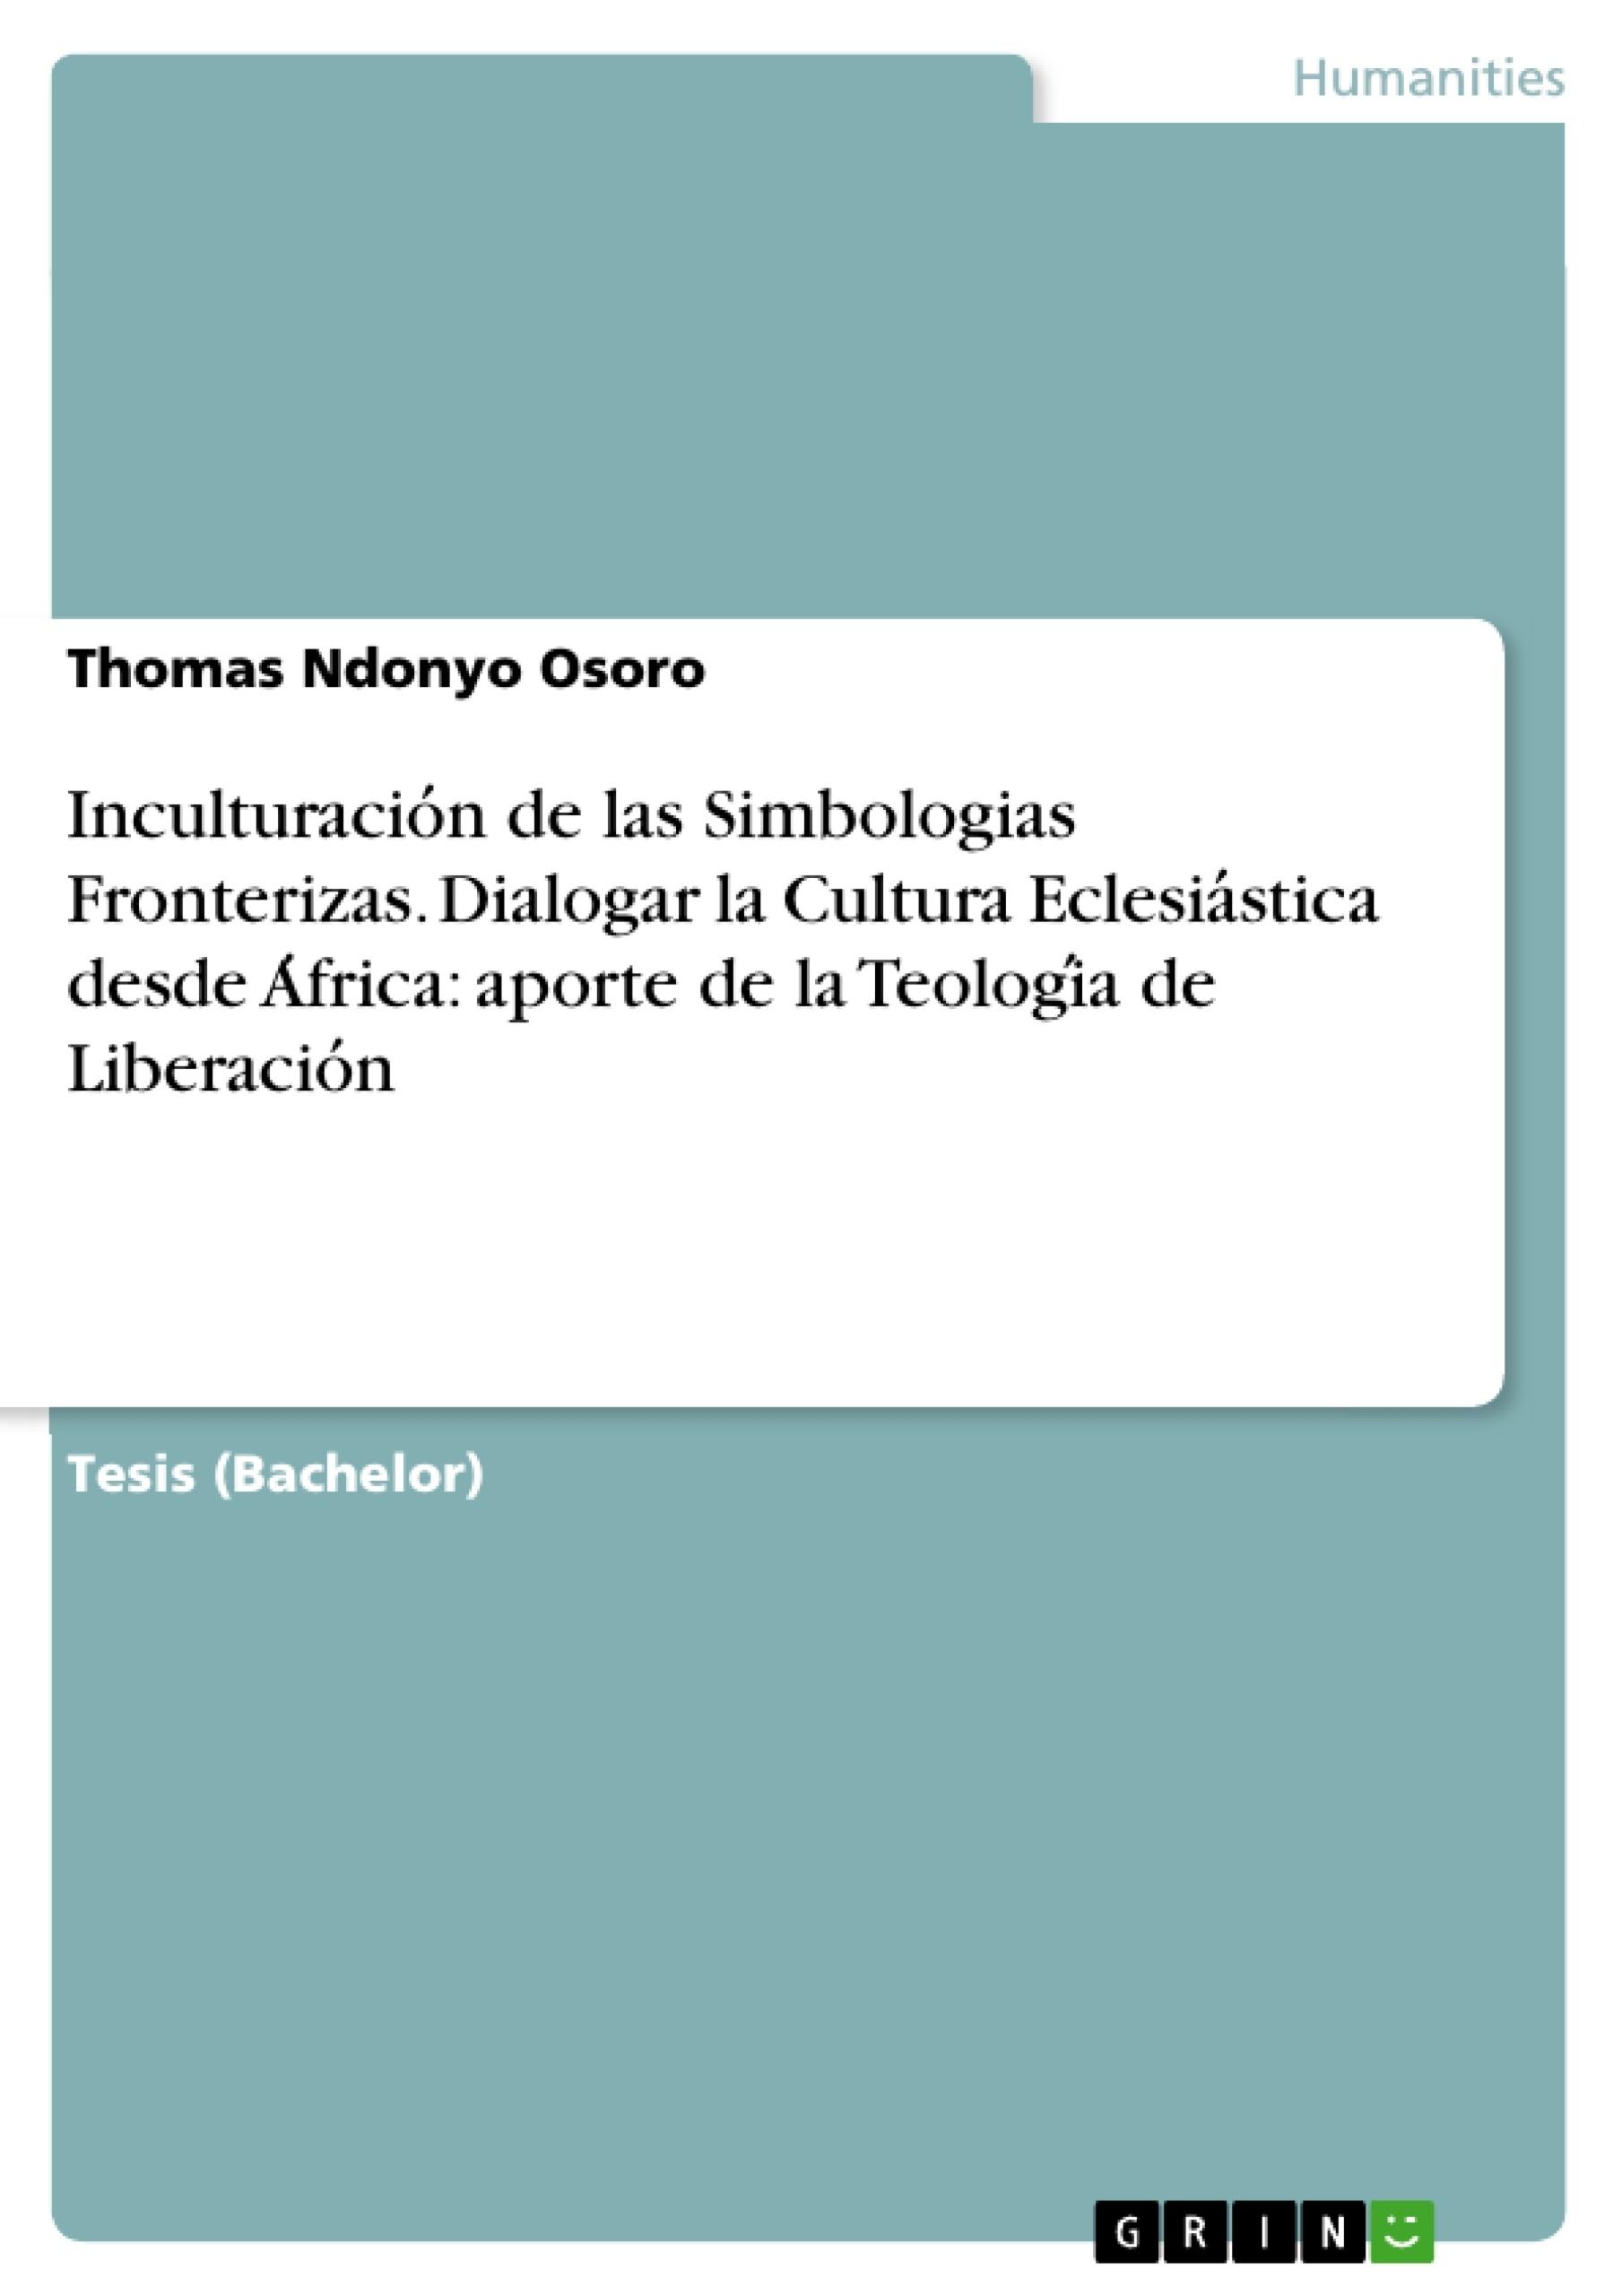 Título: Inculturación de las Simbologias Fronterizas. Dialogar la Cultura Eclesiástica desde África: aporte de la Teología de Liberación